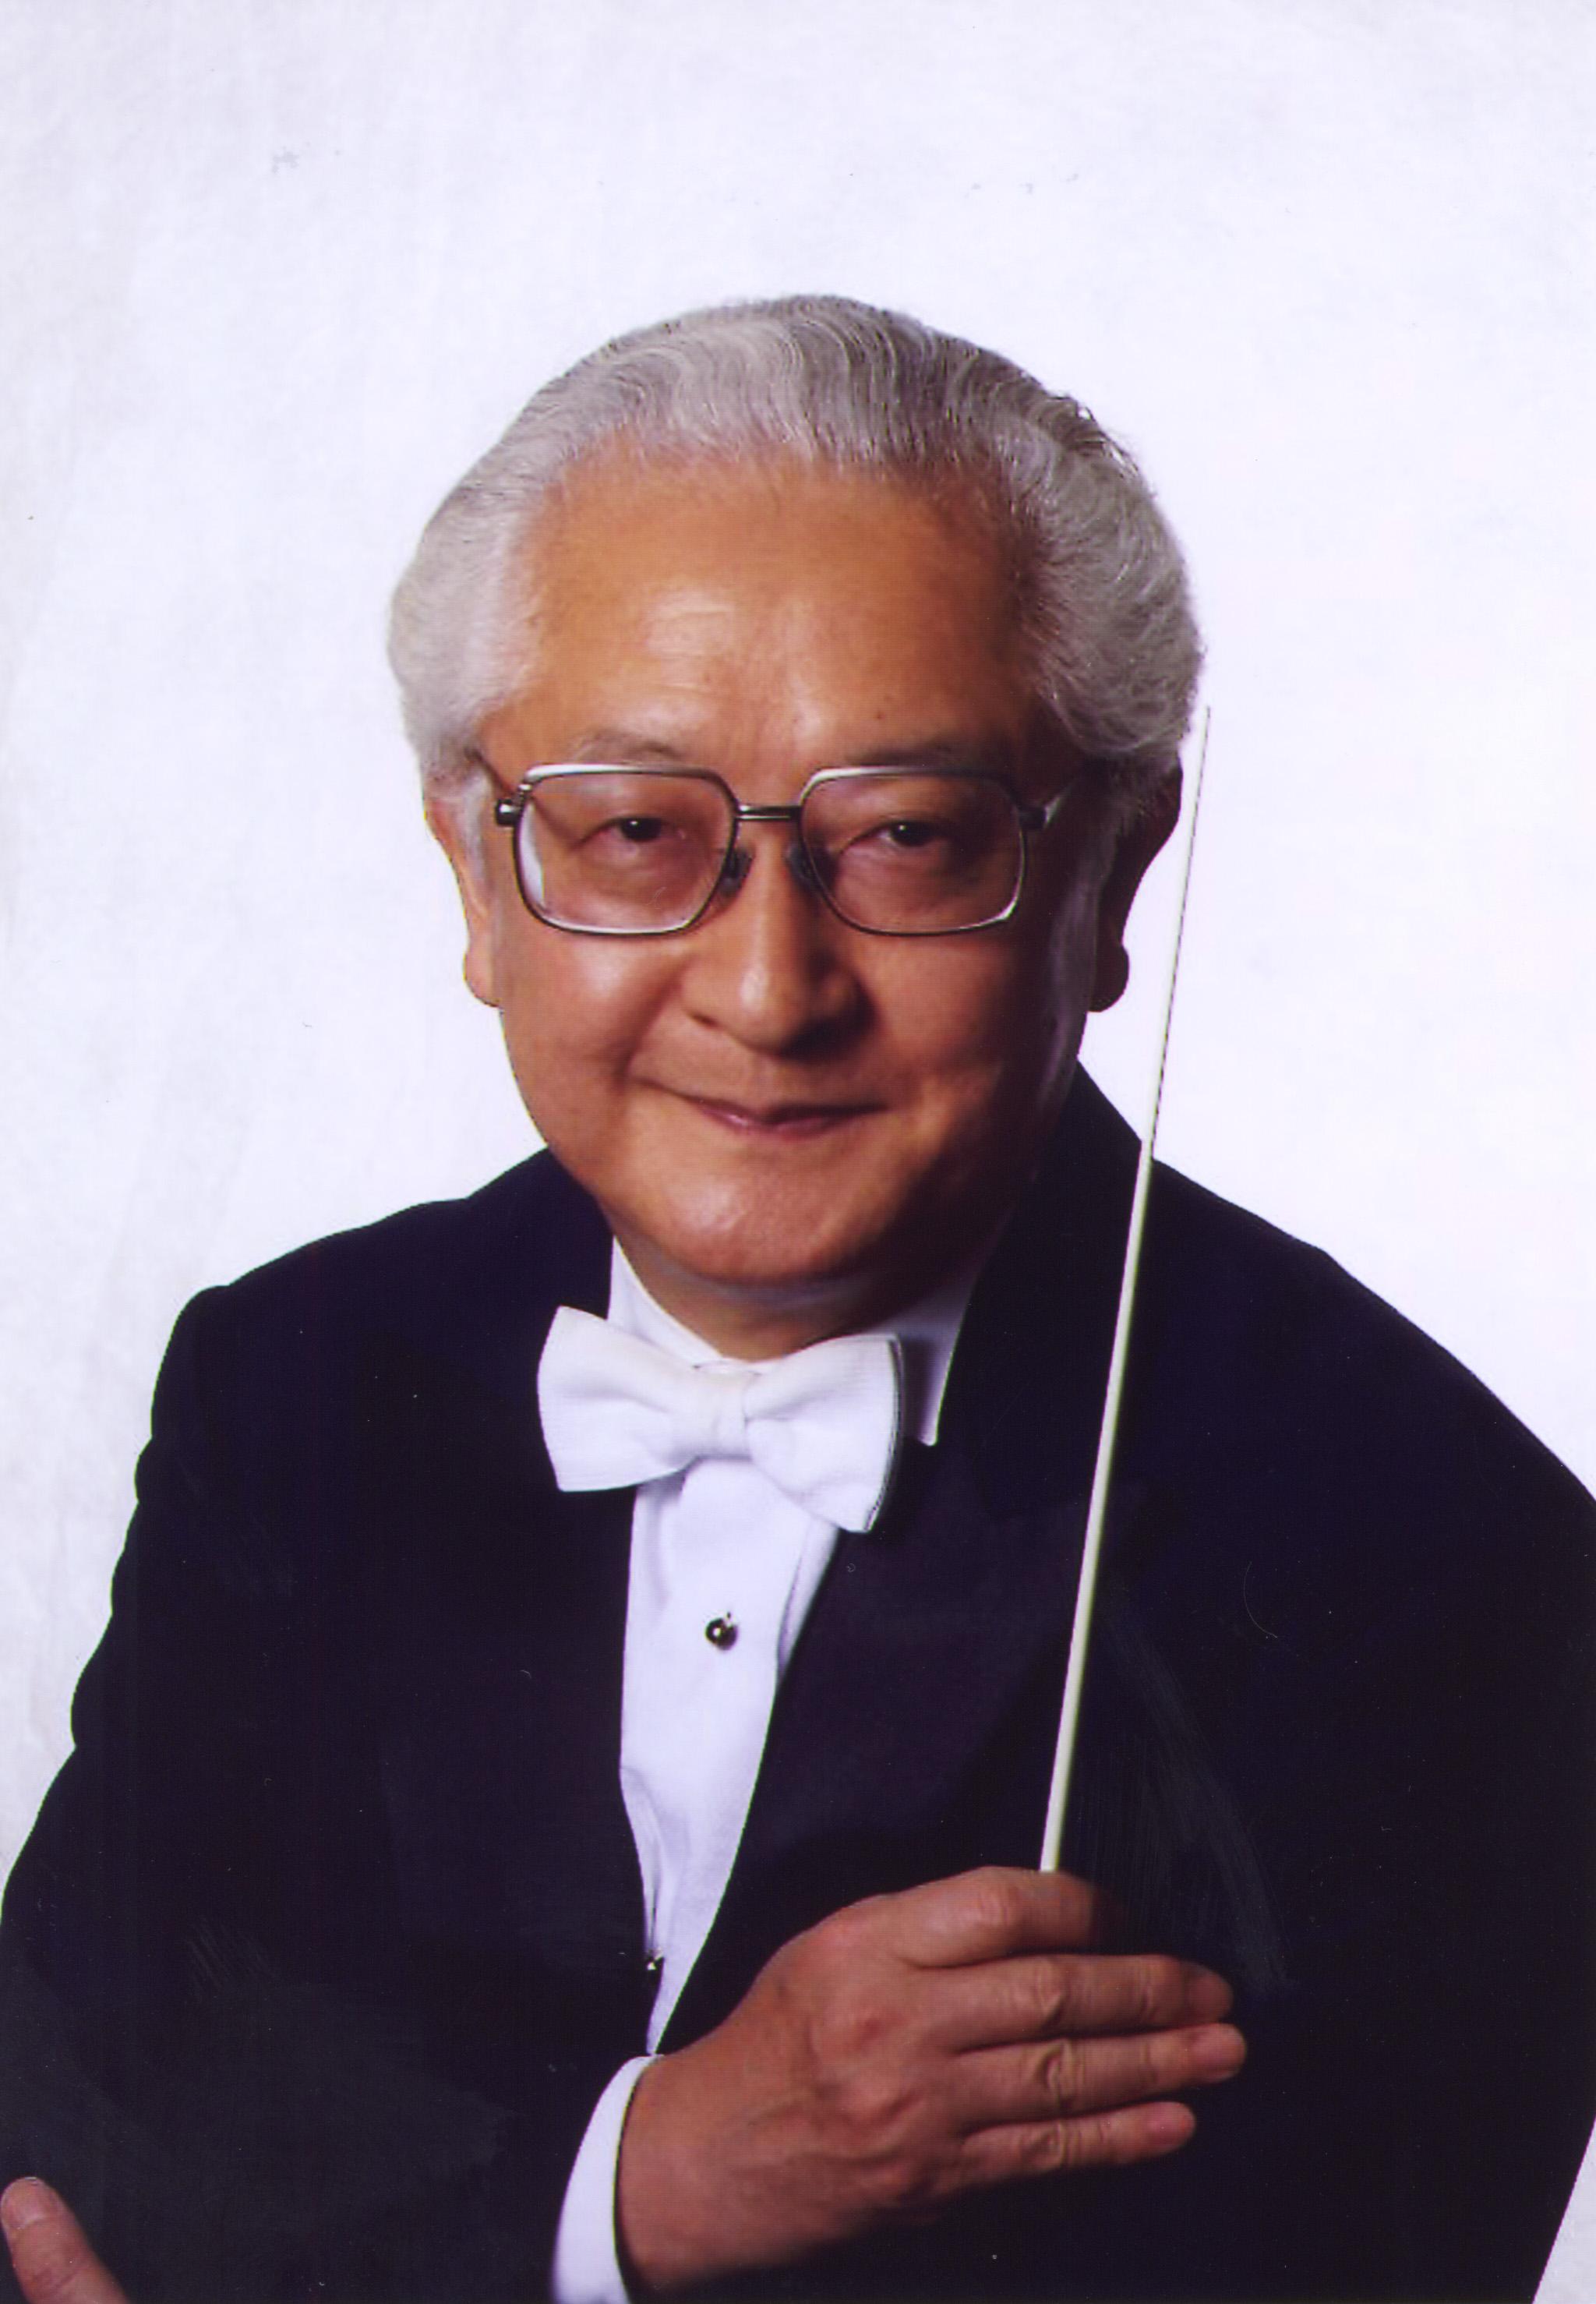 秋山 和慶(kazuyoshi Akiyama)